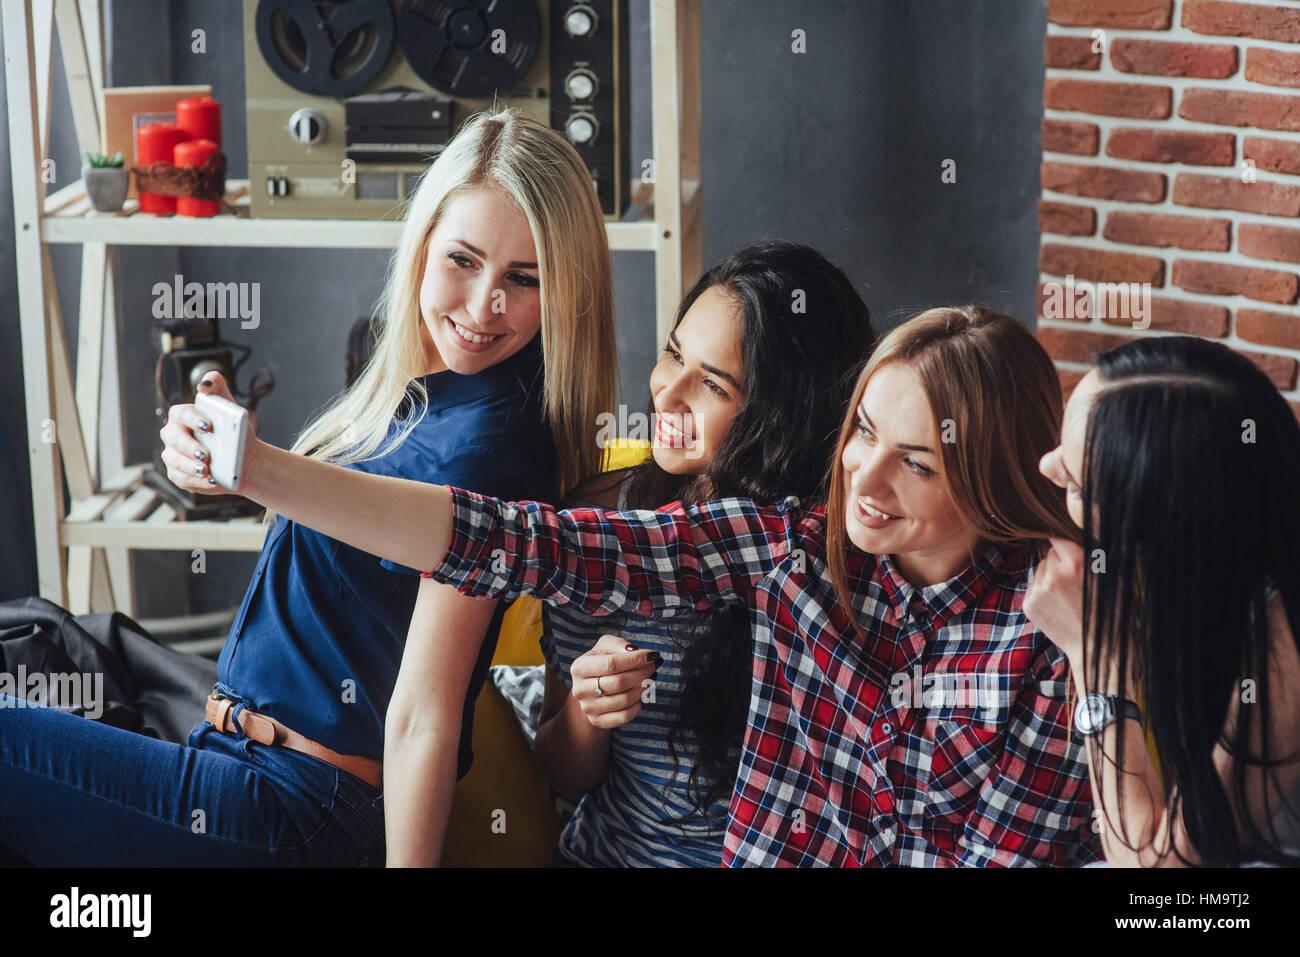 Quatre selfies faisant belle jeune femme dans un café, meilleurs amis des filles s'amuser ensemble, ce Photo Stock